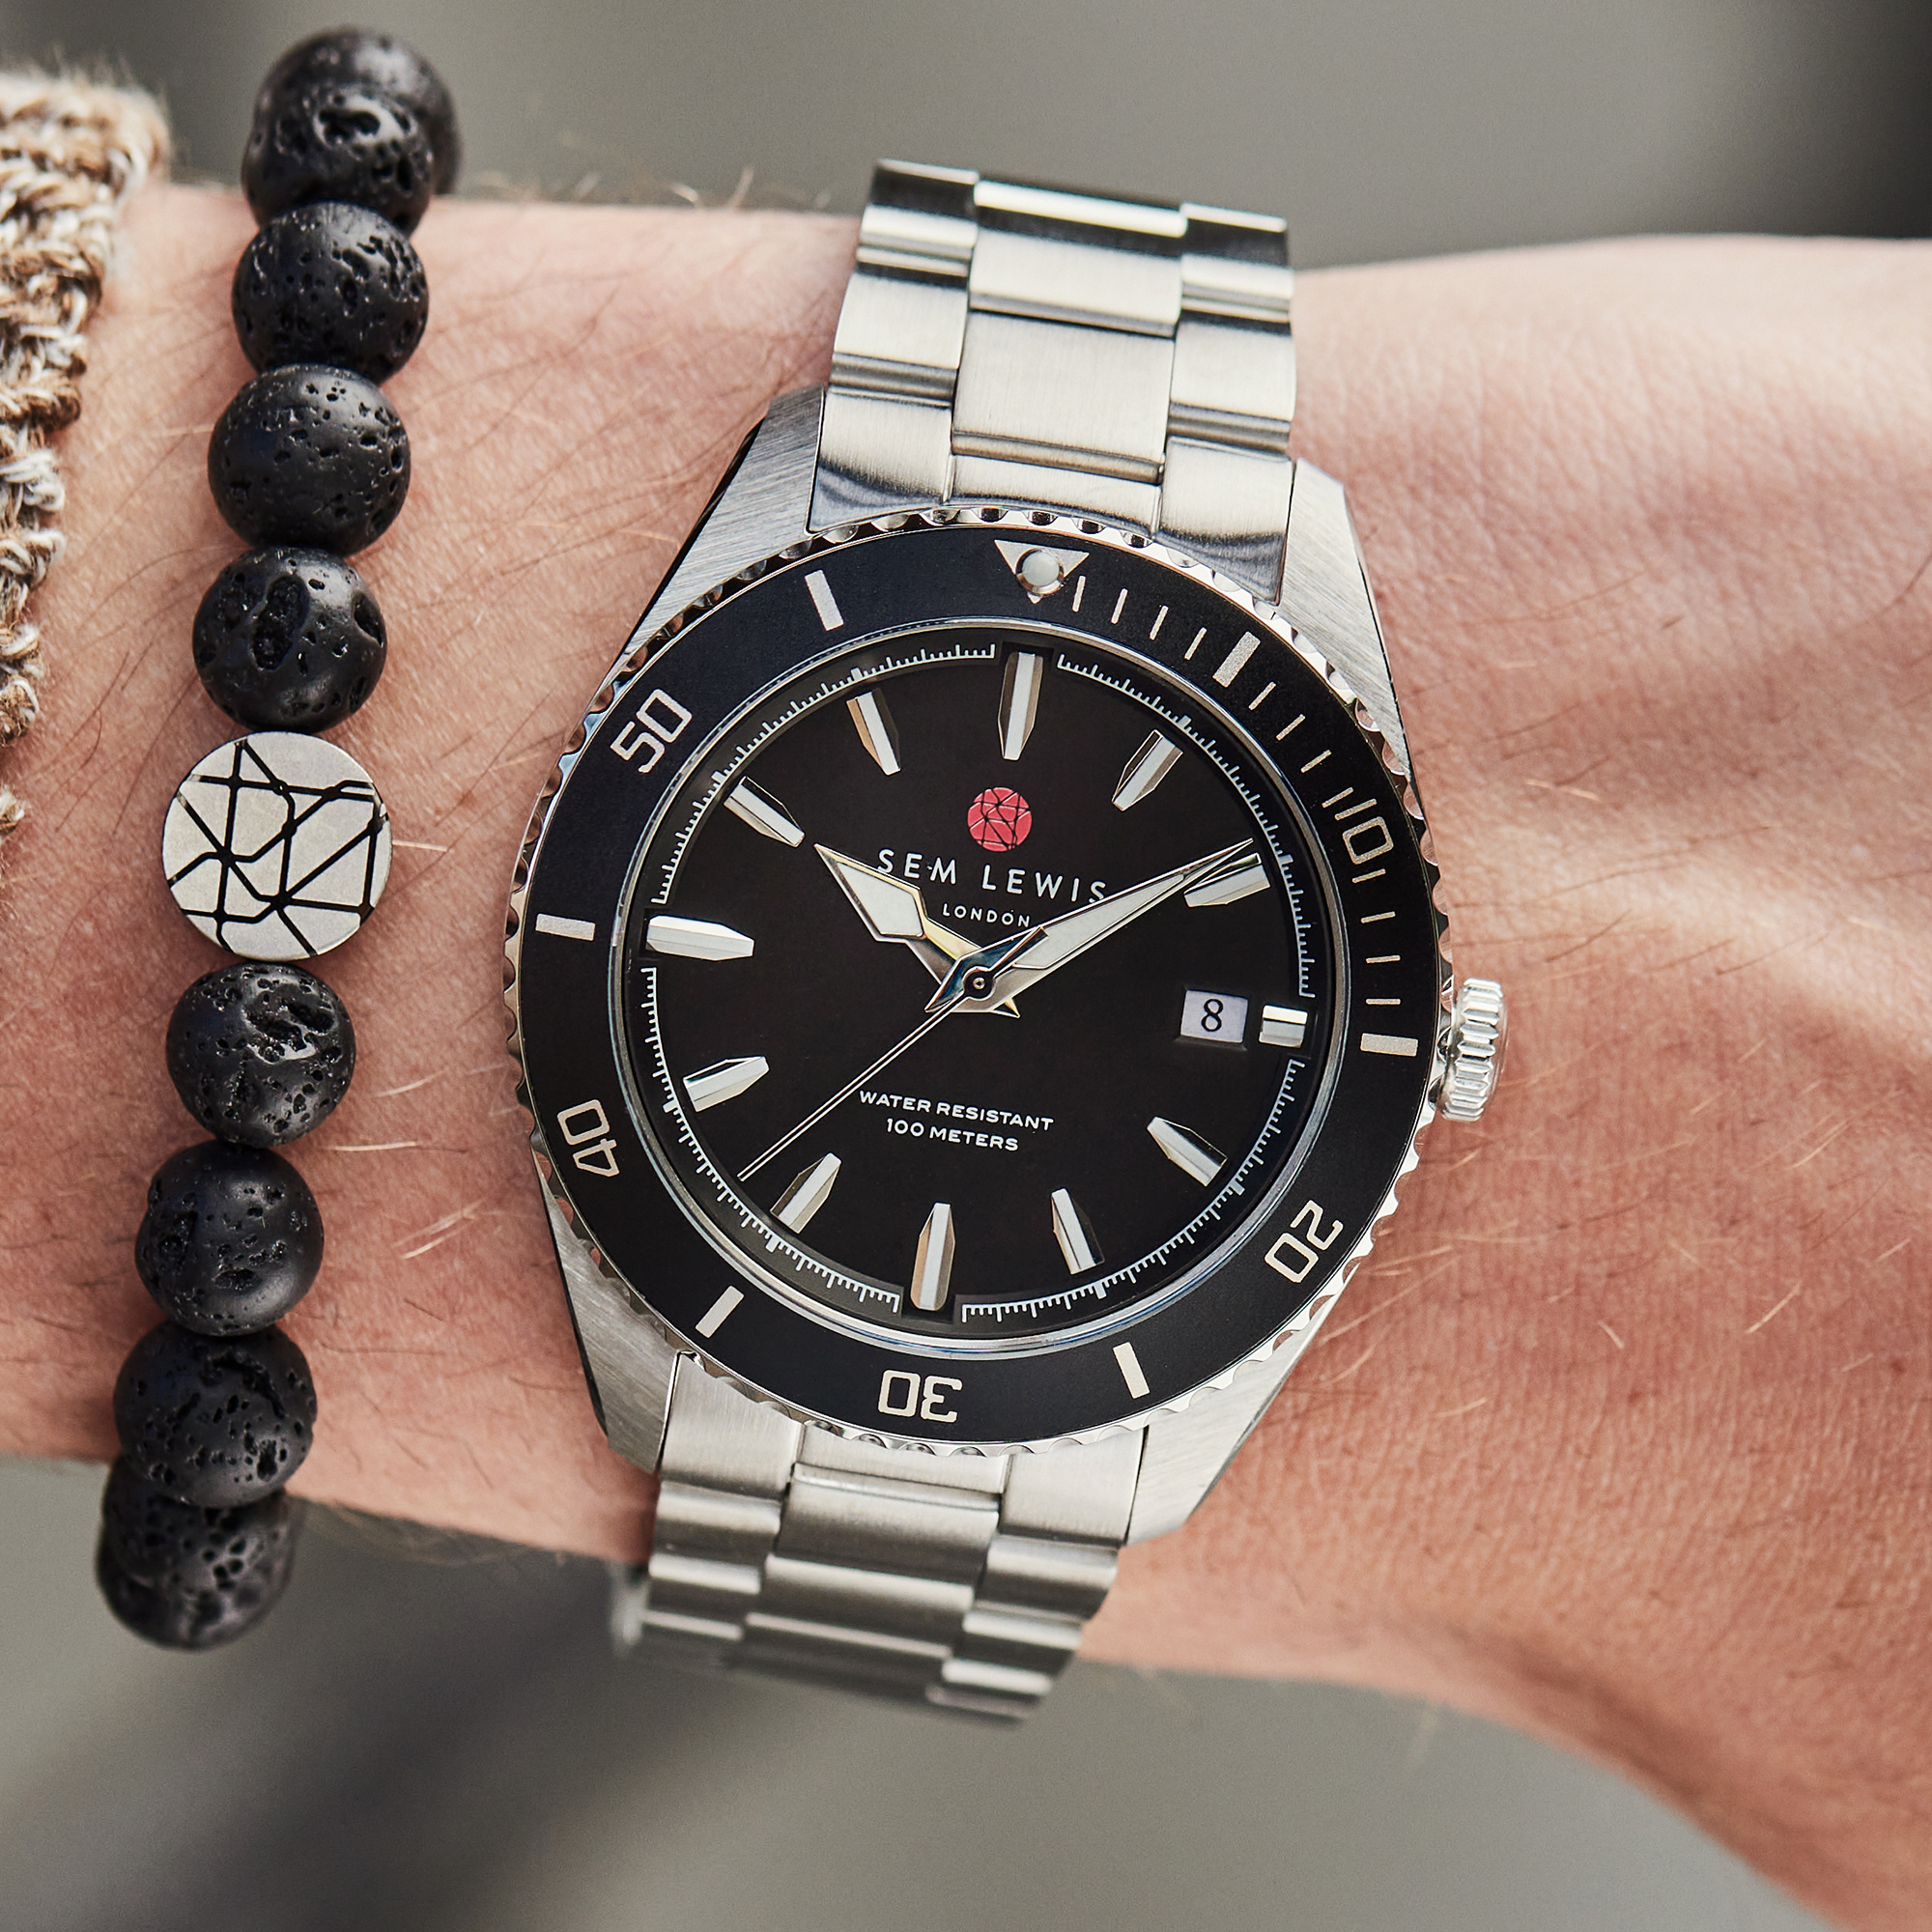 Sem Lewis Lundy Island Diver horloge zilverkleurig en zwart